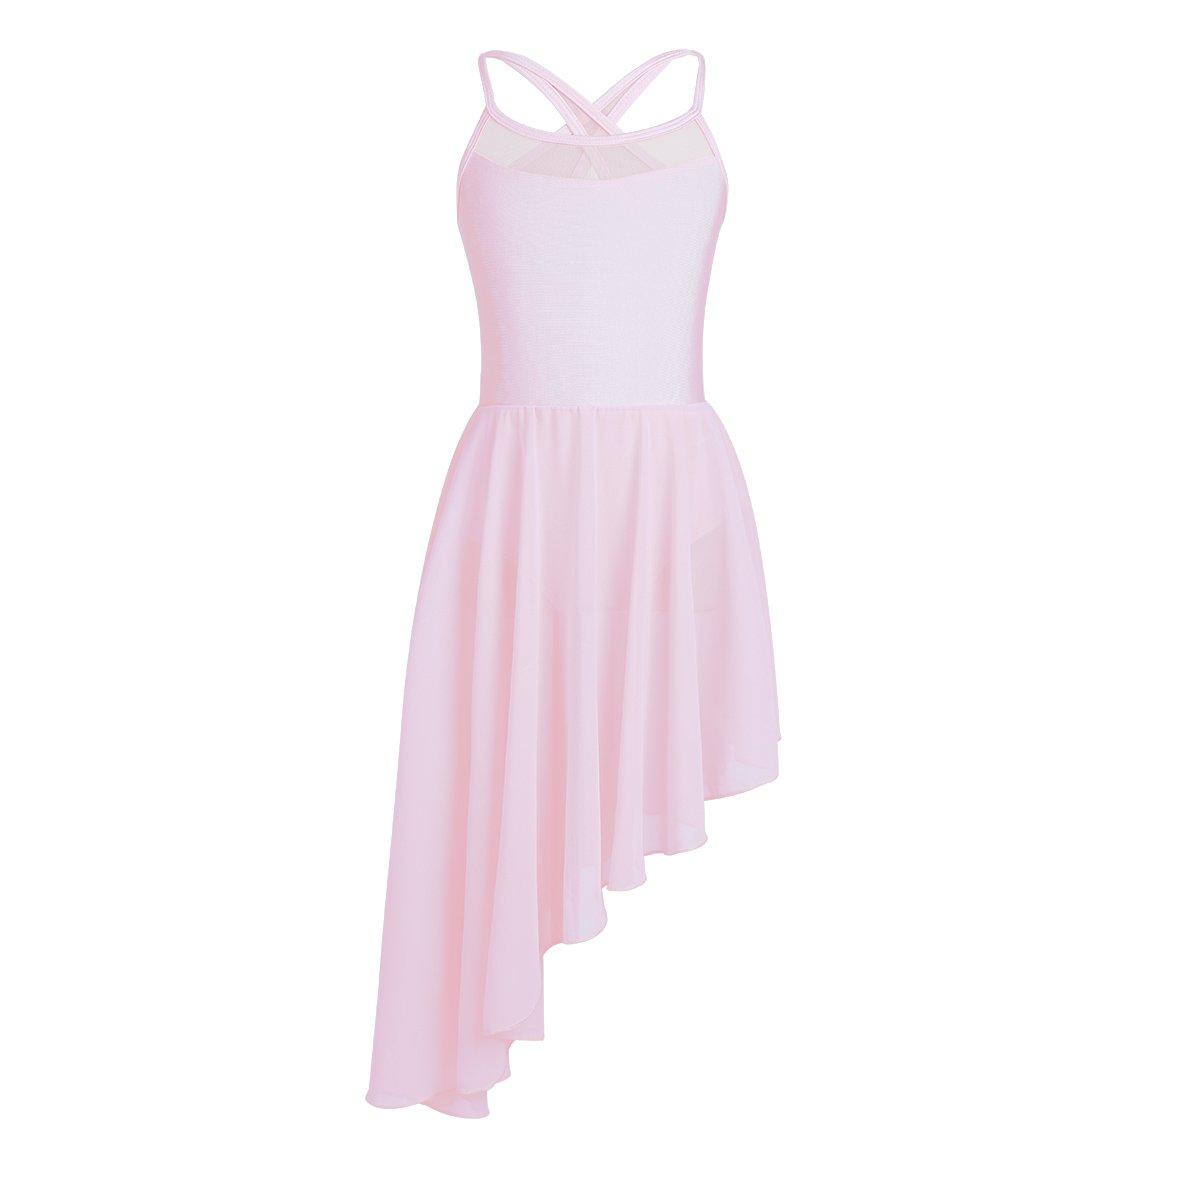 d9622bb1c97a iEFiEL Kids Big Girls Irregular Ballet Dress Skirt Contemporary Lyrical  Ballroom Dance Leotard Costume Pink Chiffon 11-12